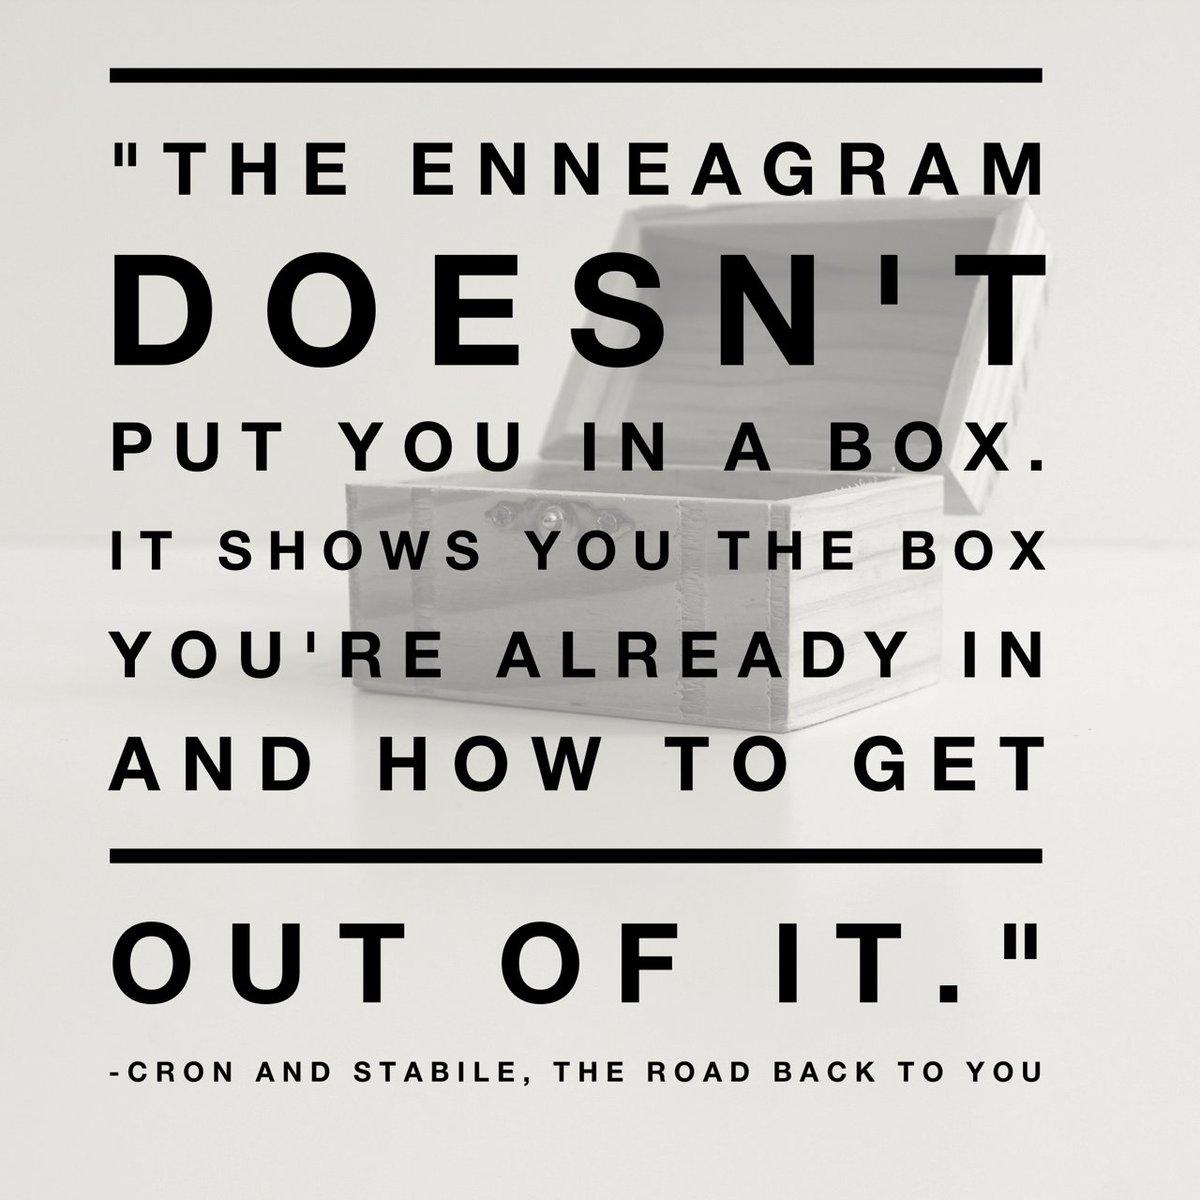 #theroadbacktoyou #enneagram https://t.co/KauwR47s7k